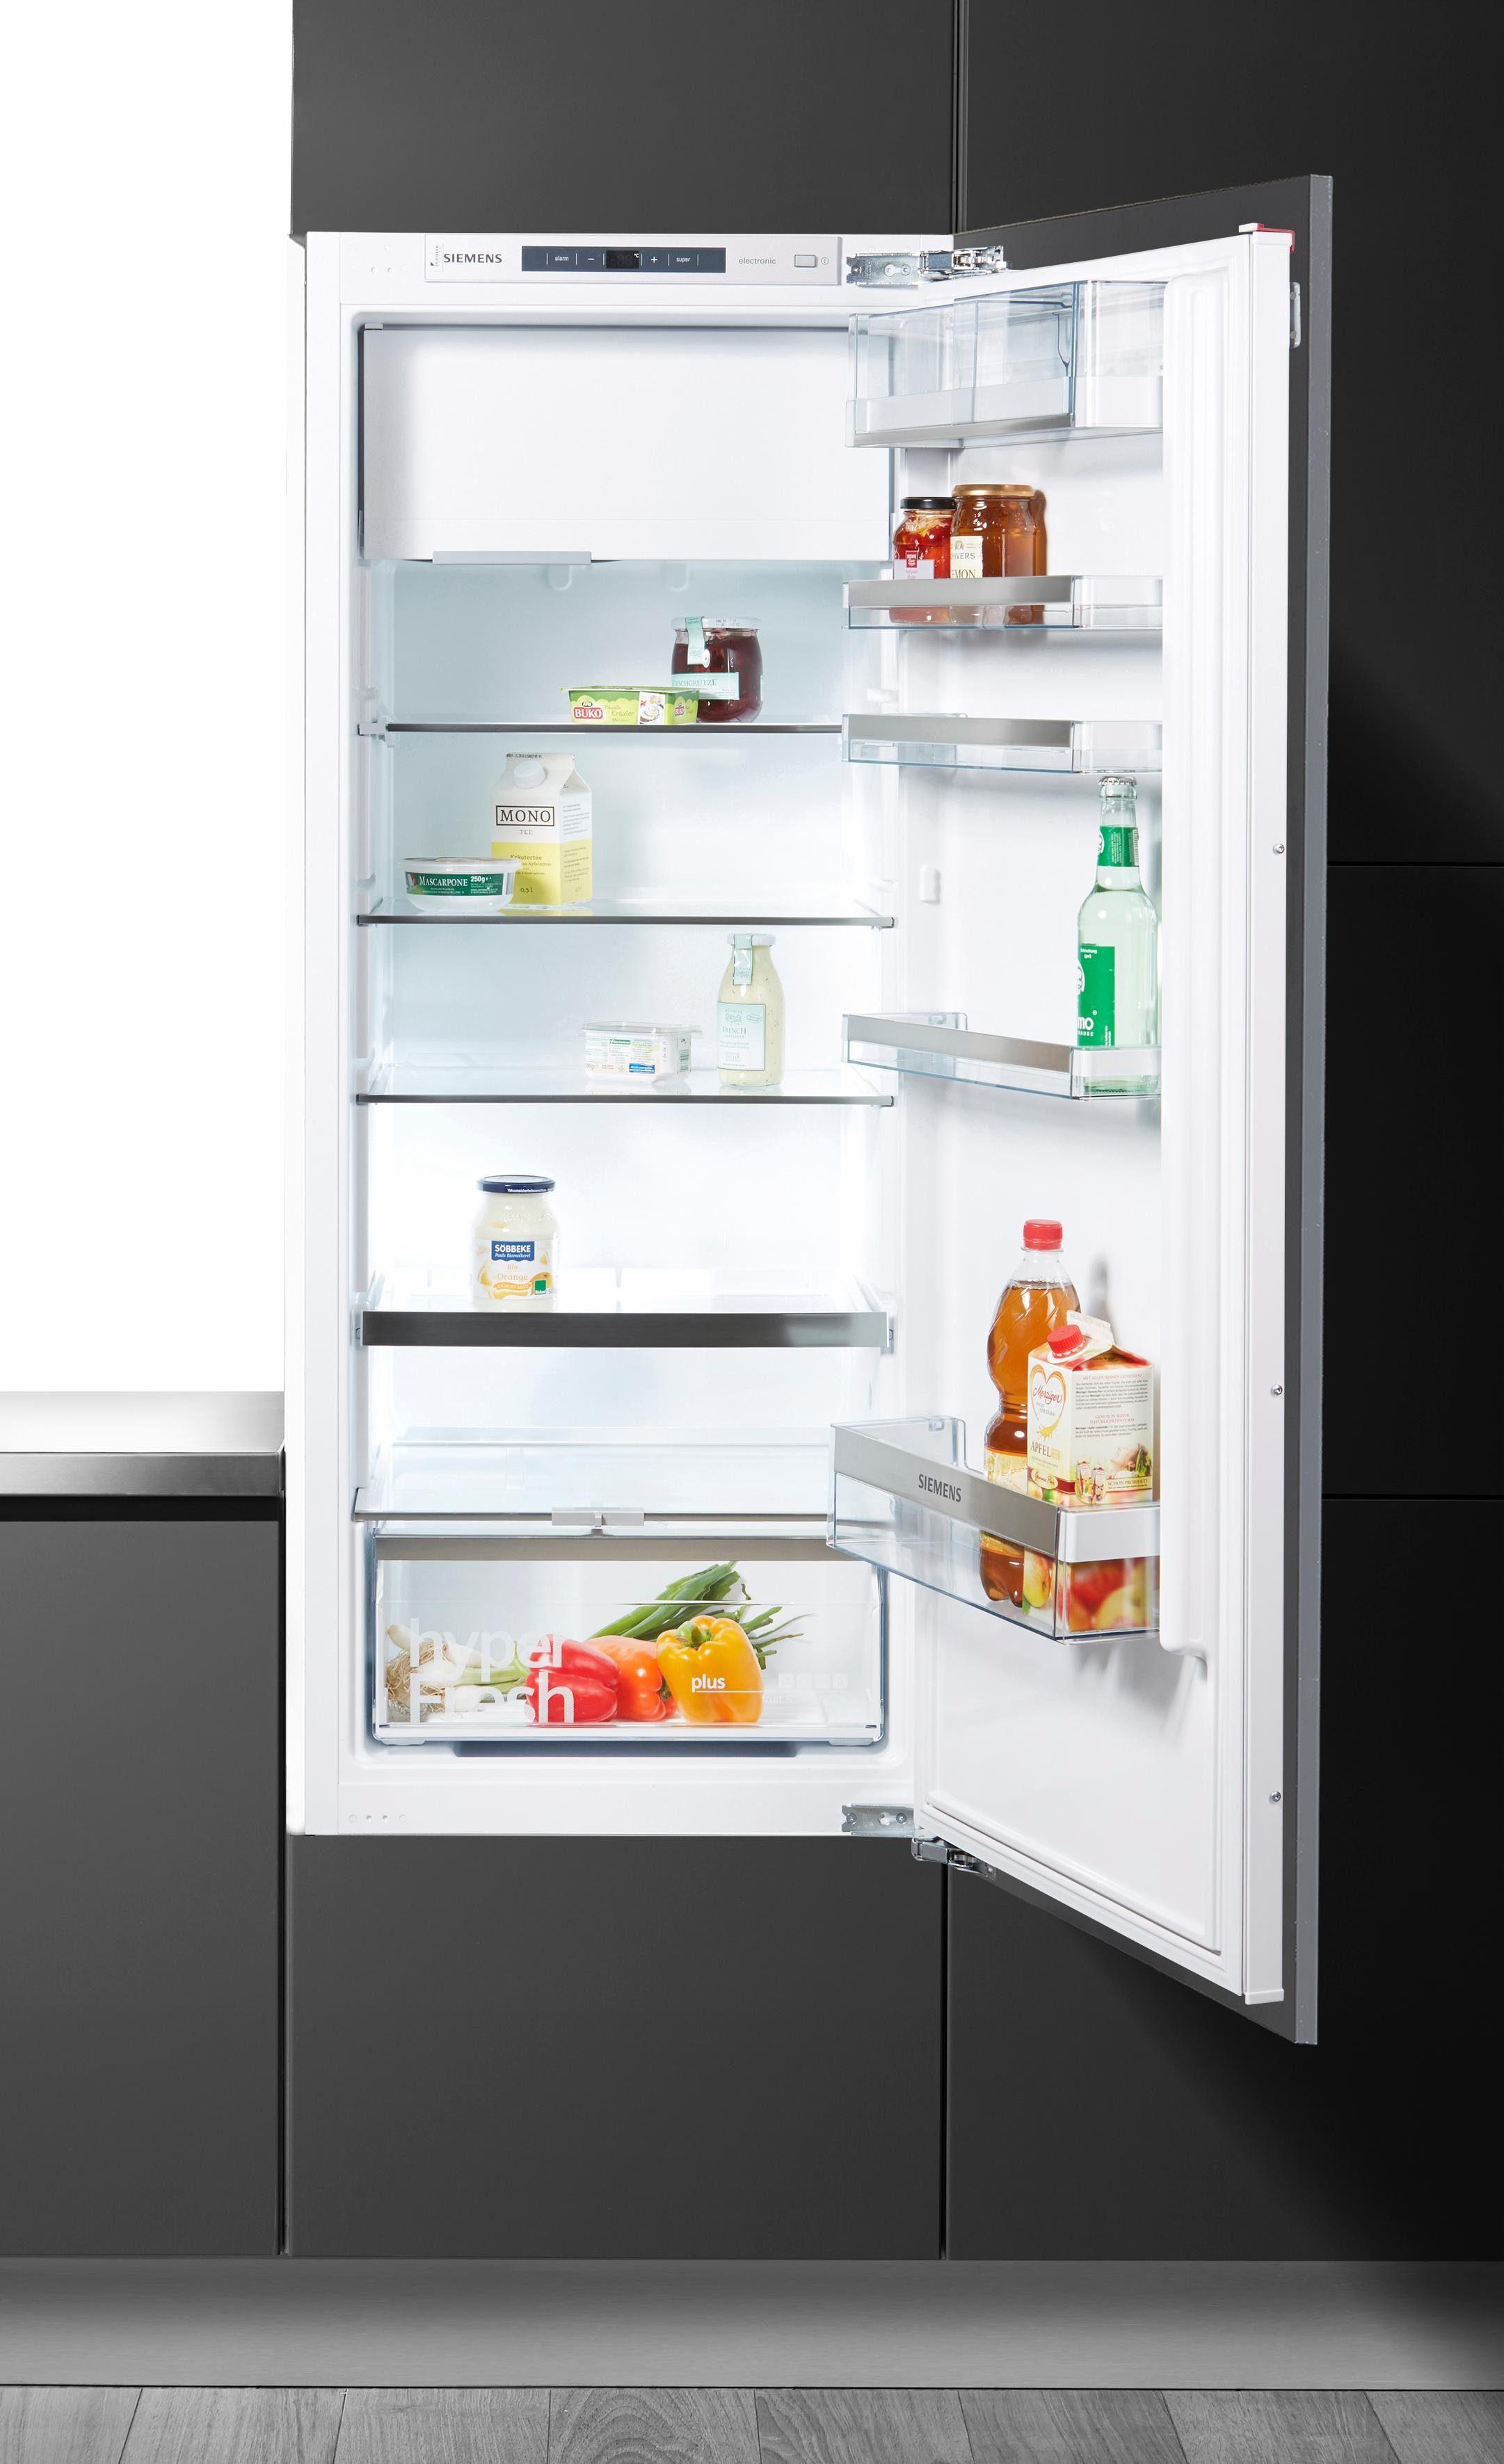 SIEMENS Einbaukühlschrank KI52LAD30, 139,7 cm hoch, 55,8 cm breit, Energieklasse A++, 139,7 cm hoch